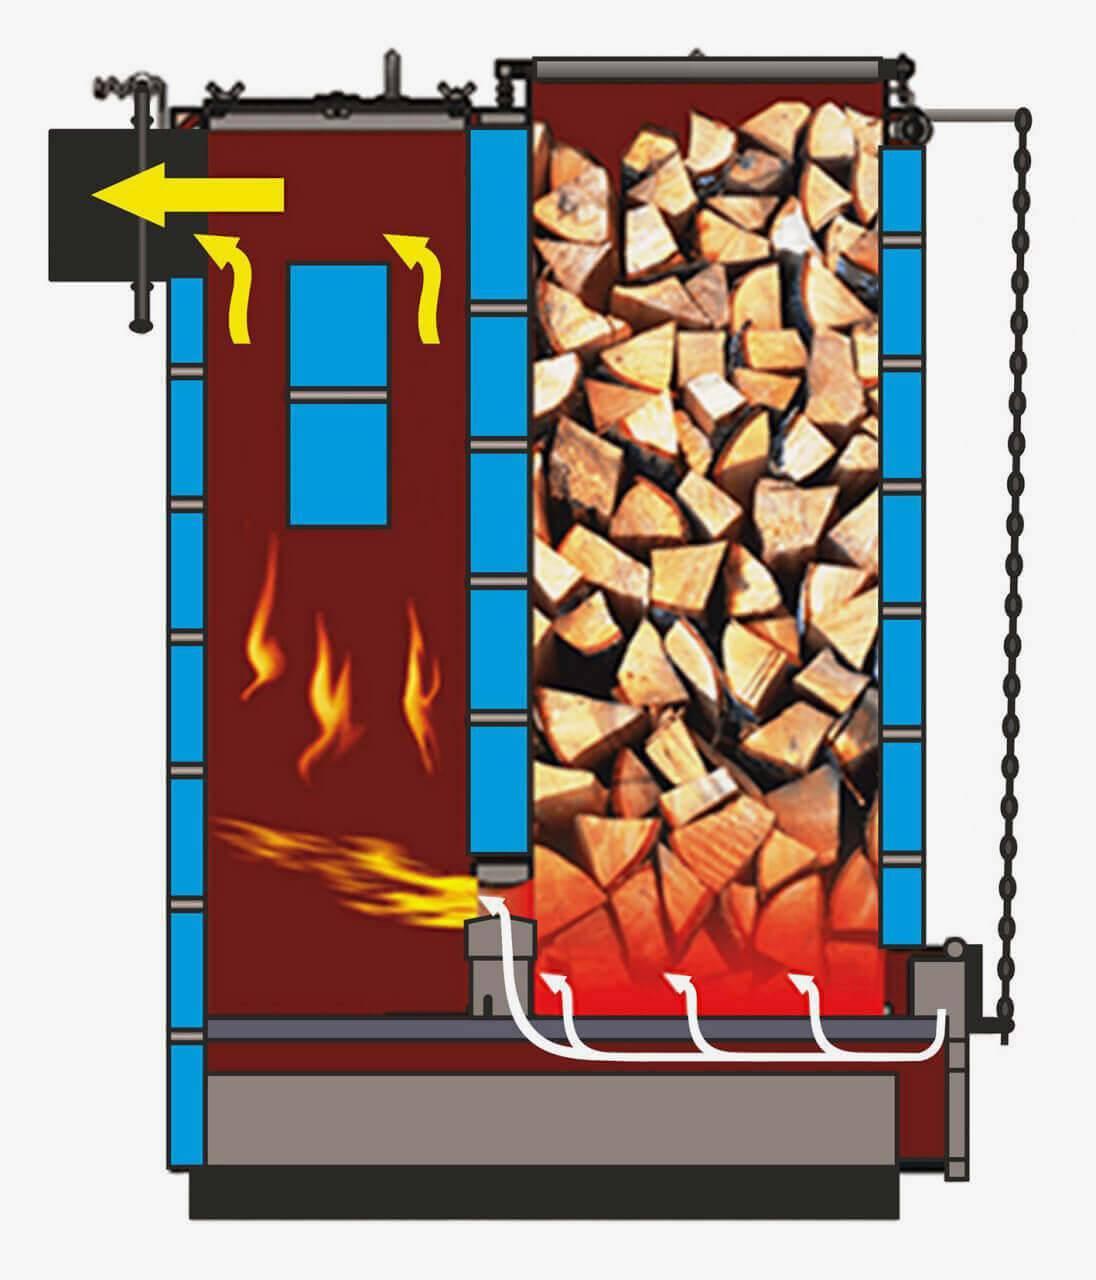 Самодельные котлы длительного горения на дровах: как сделать теплогенератор своими руками